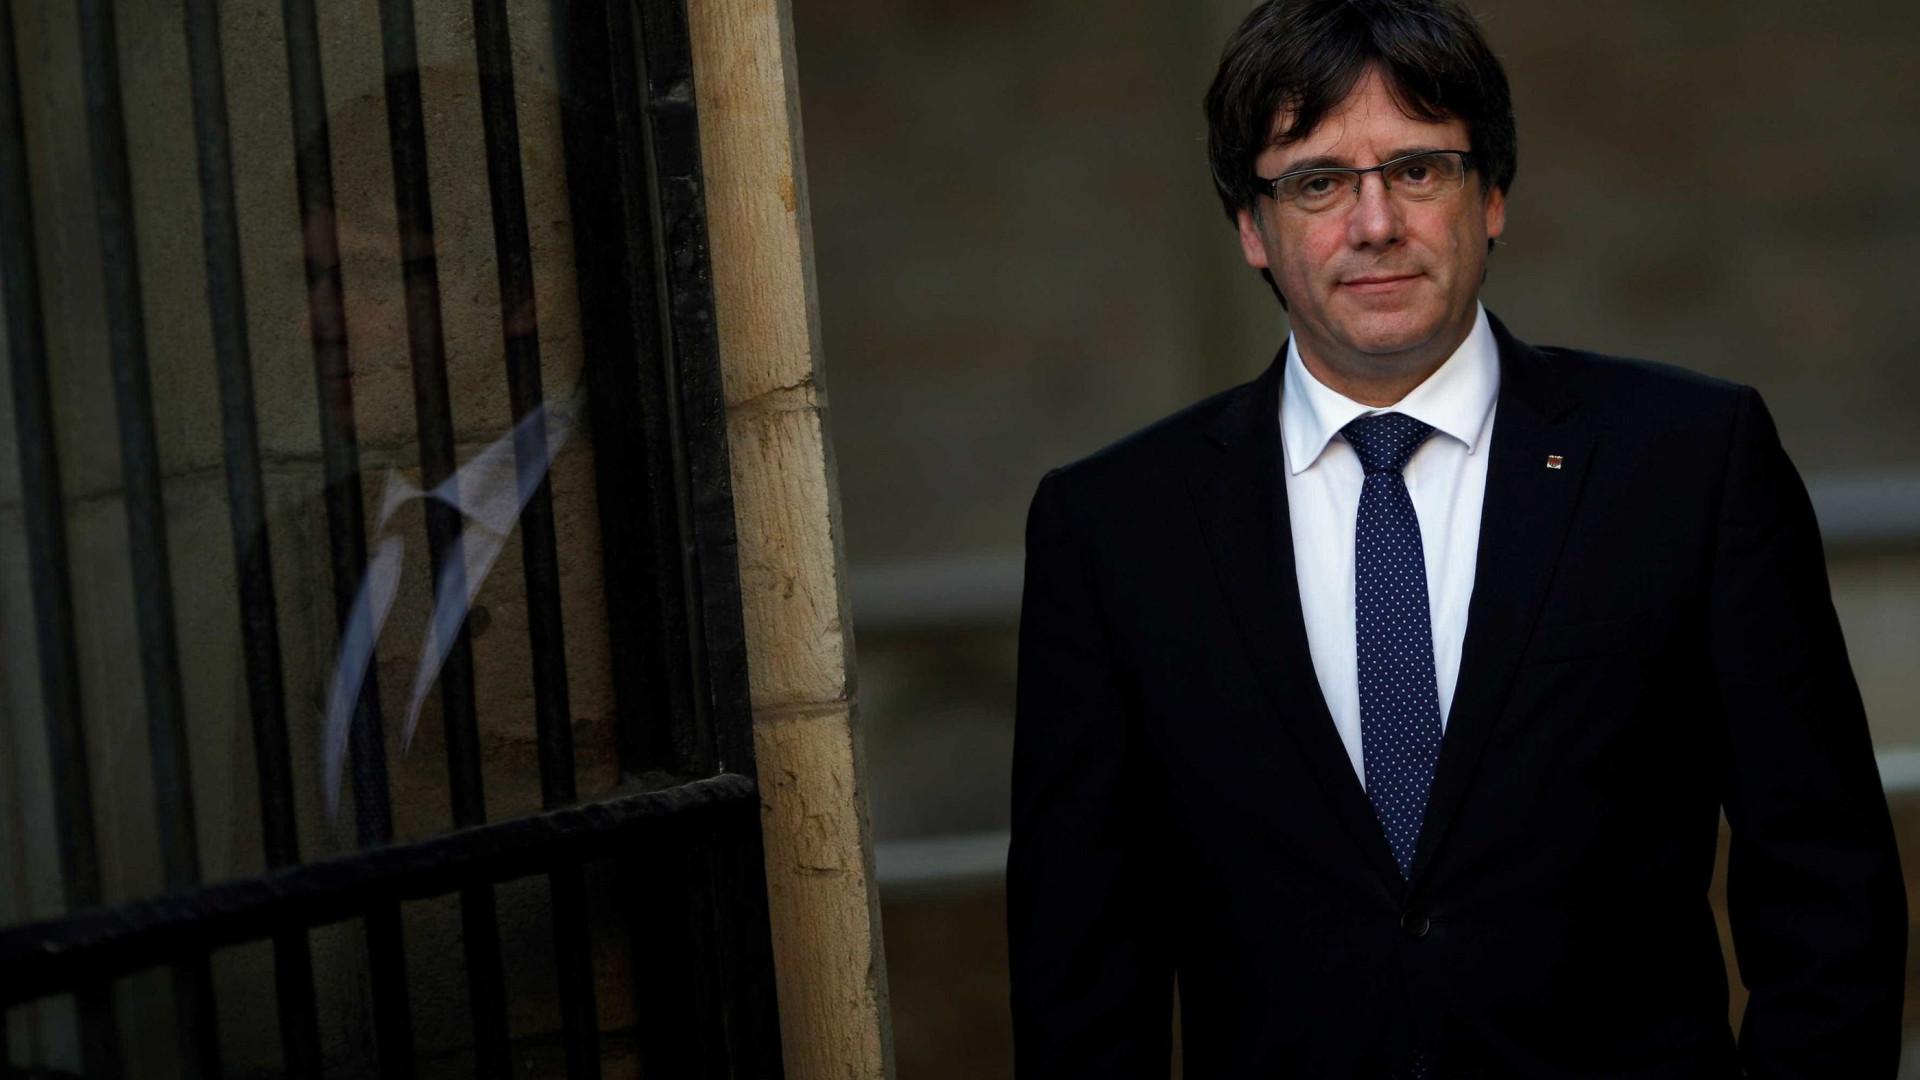 Puigdemont perde todos os poderes a partir de sábado, diz governo